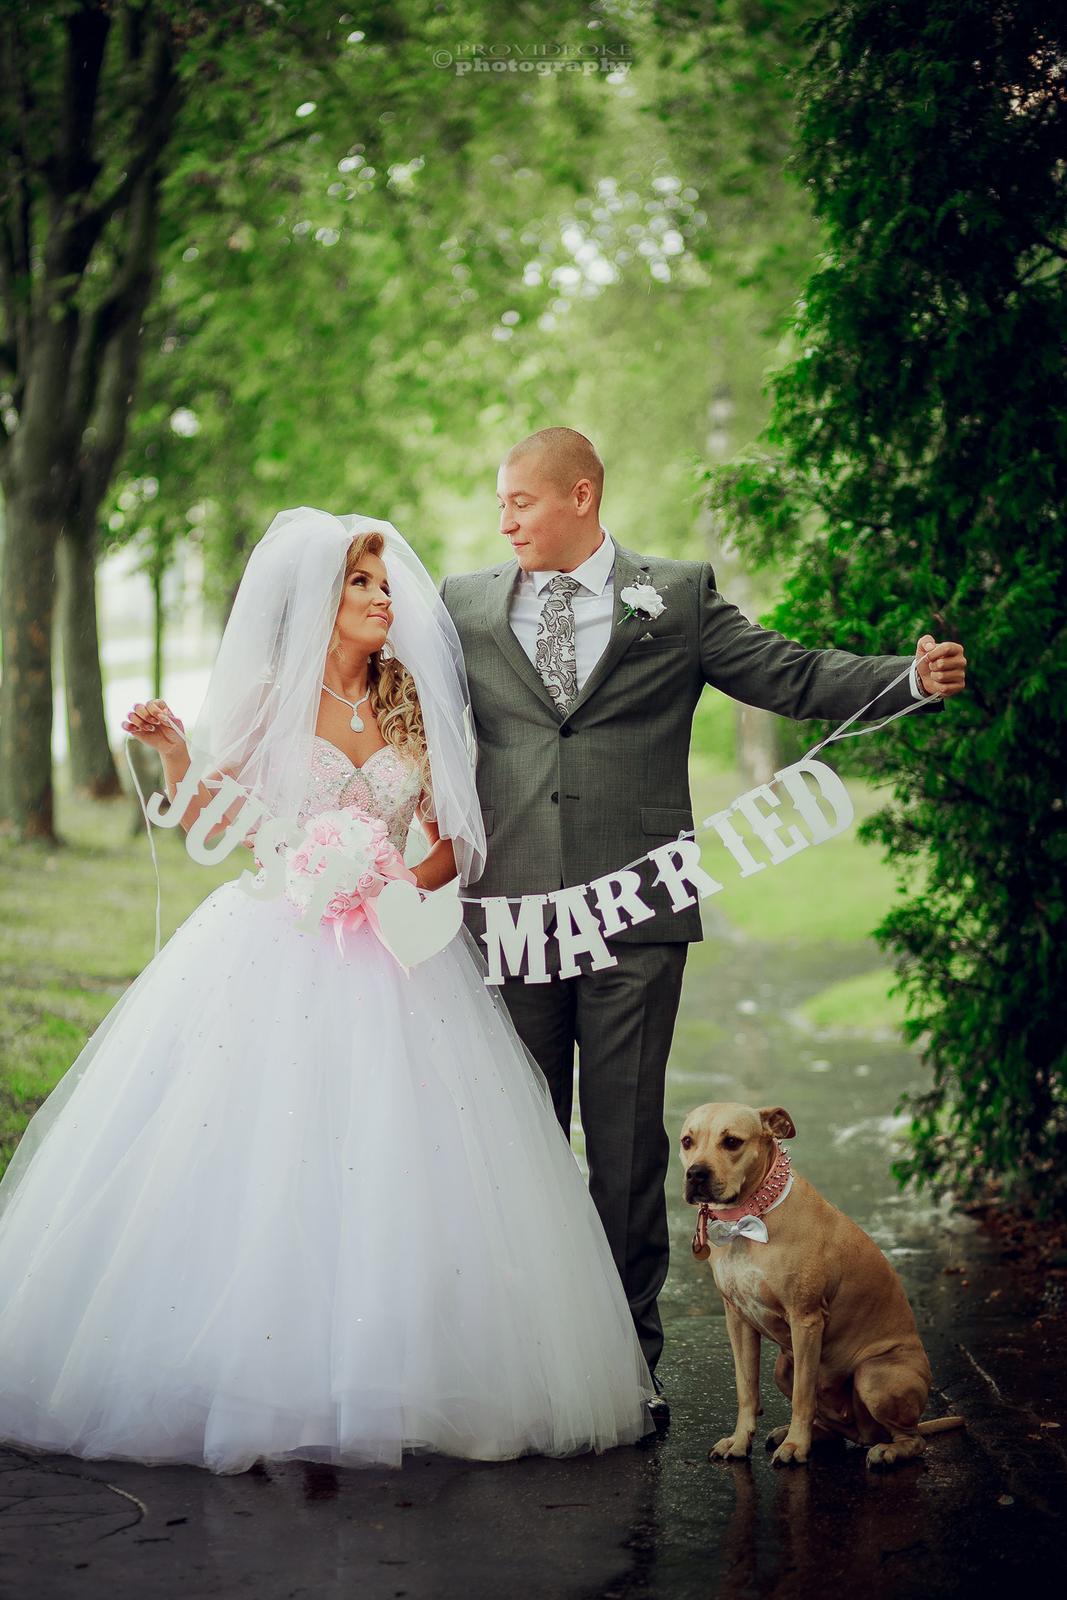 Svadobné príbehy ... - Obrázok č. 14